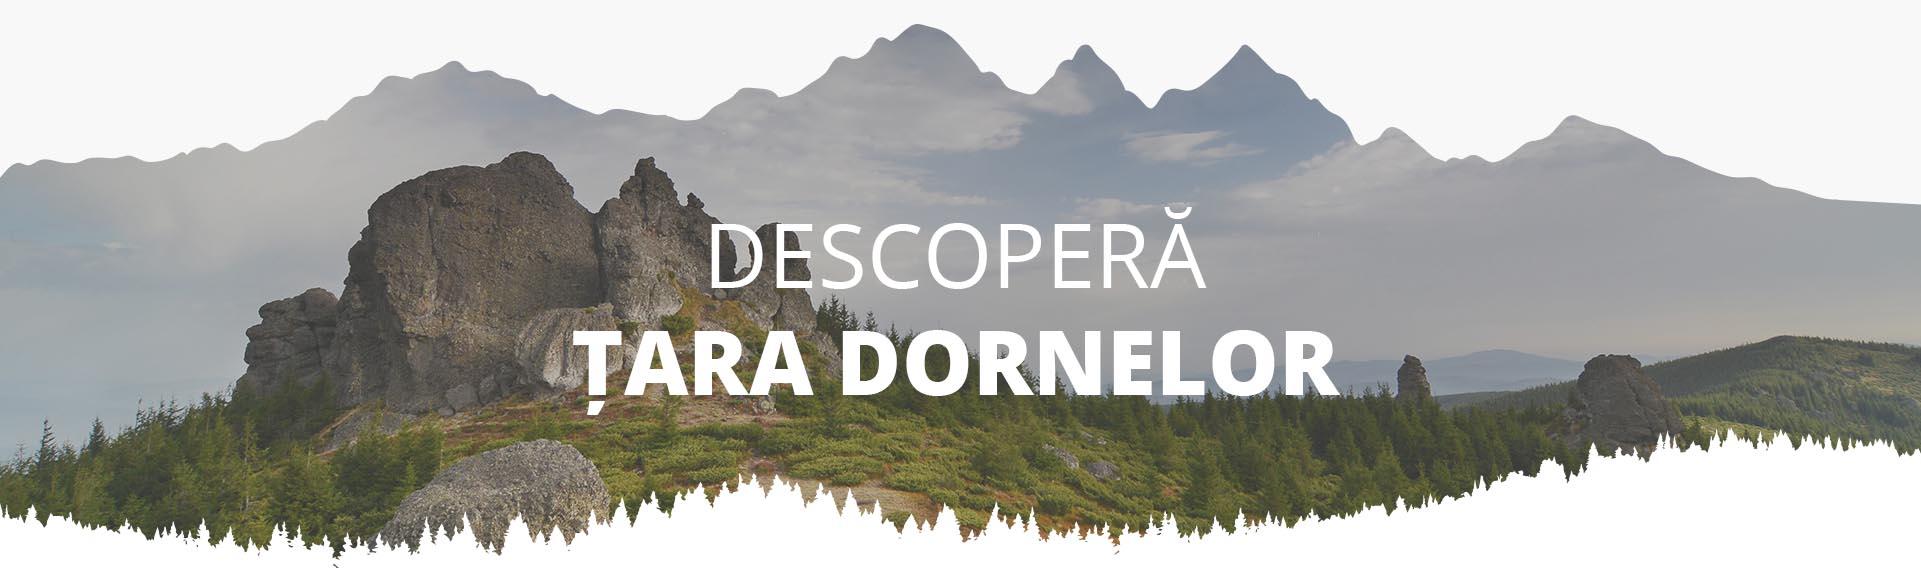 Descopera Tara Dornelor